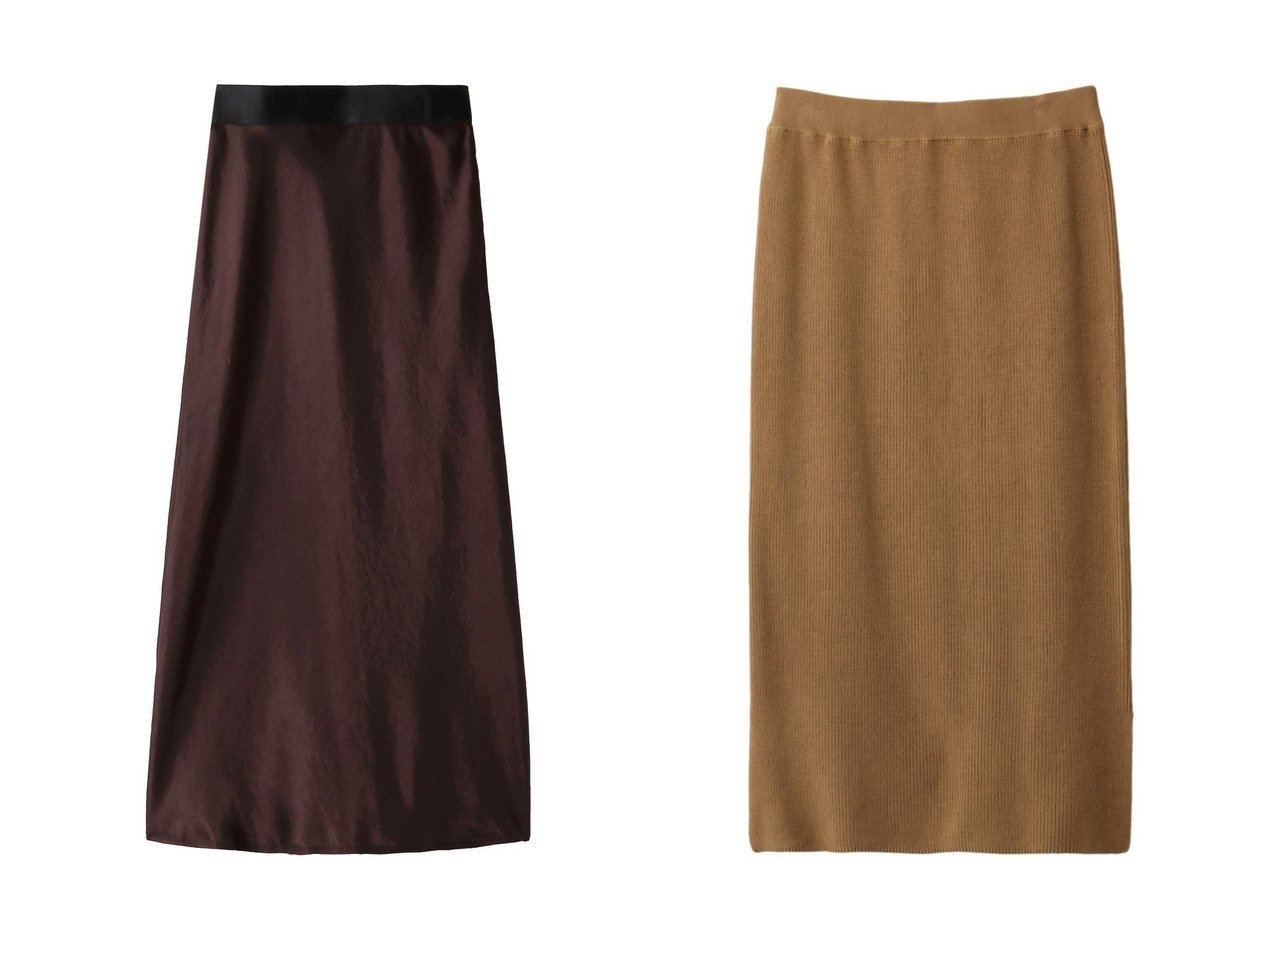 【PLAIN PEOPLE/プレインピープル】のアセテートヘビーサテンスカート&コットン片畦ニットスカート スカートのおすすめ!人気、トレンド・レディースファッションの通販  おすすめで人気の流行・トレンド、ファッションの通販商品 メンズファッション・キッズファッション・インテリア・家具・レディースファッション・服の通販 founy(ファニー) https://founy.com/ ファッション Fashion レディースファッション WOMEN スカート Skirt なめらか サテン ドレス ドレープ ロング シンプル セットアップ ベーシック 定番 畦 |ID:crp329100000009772